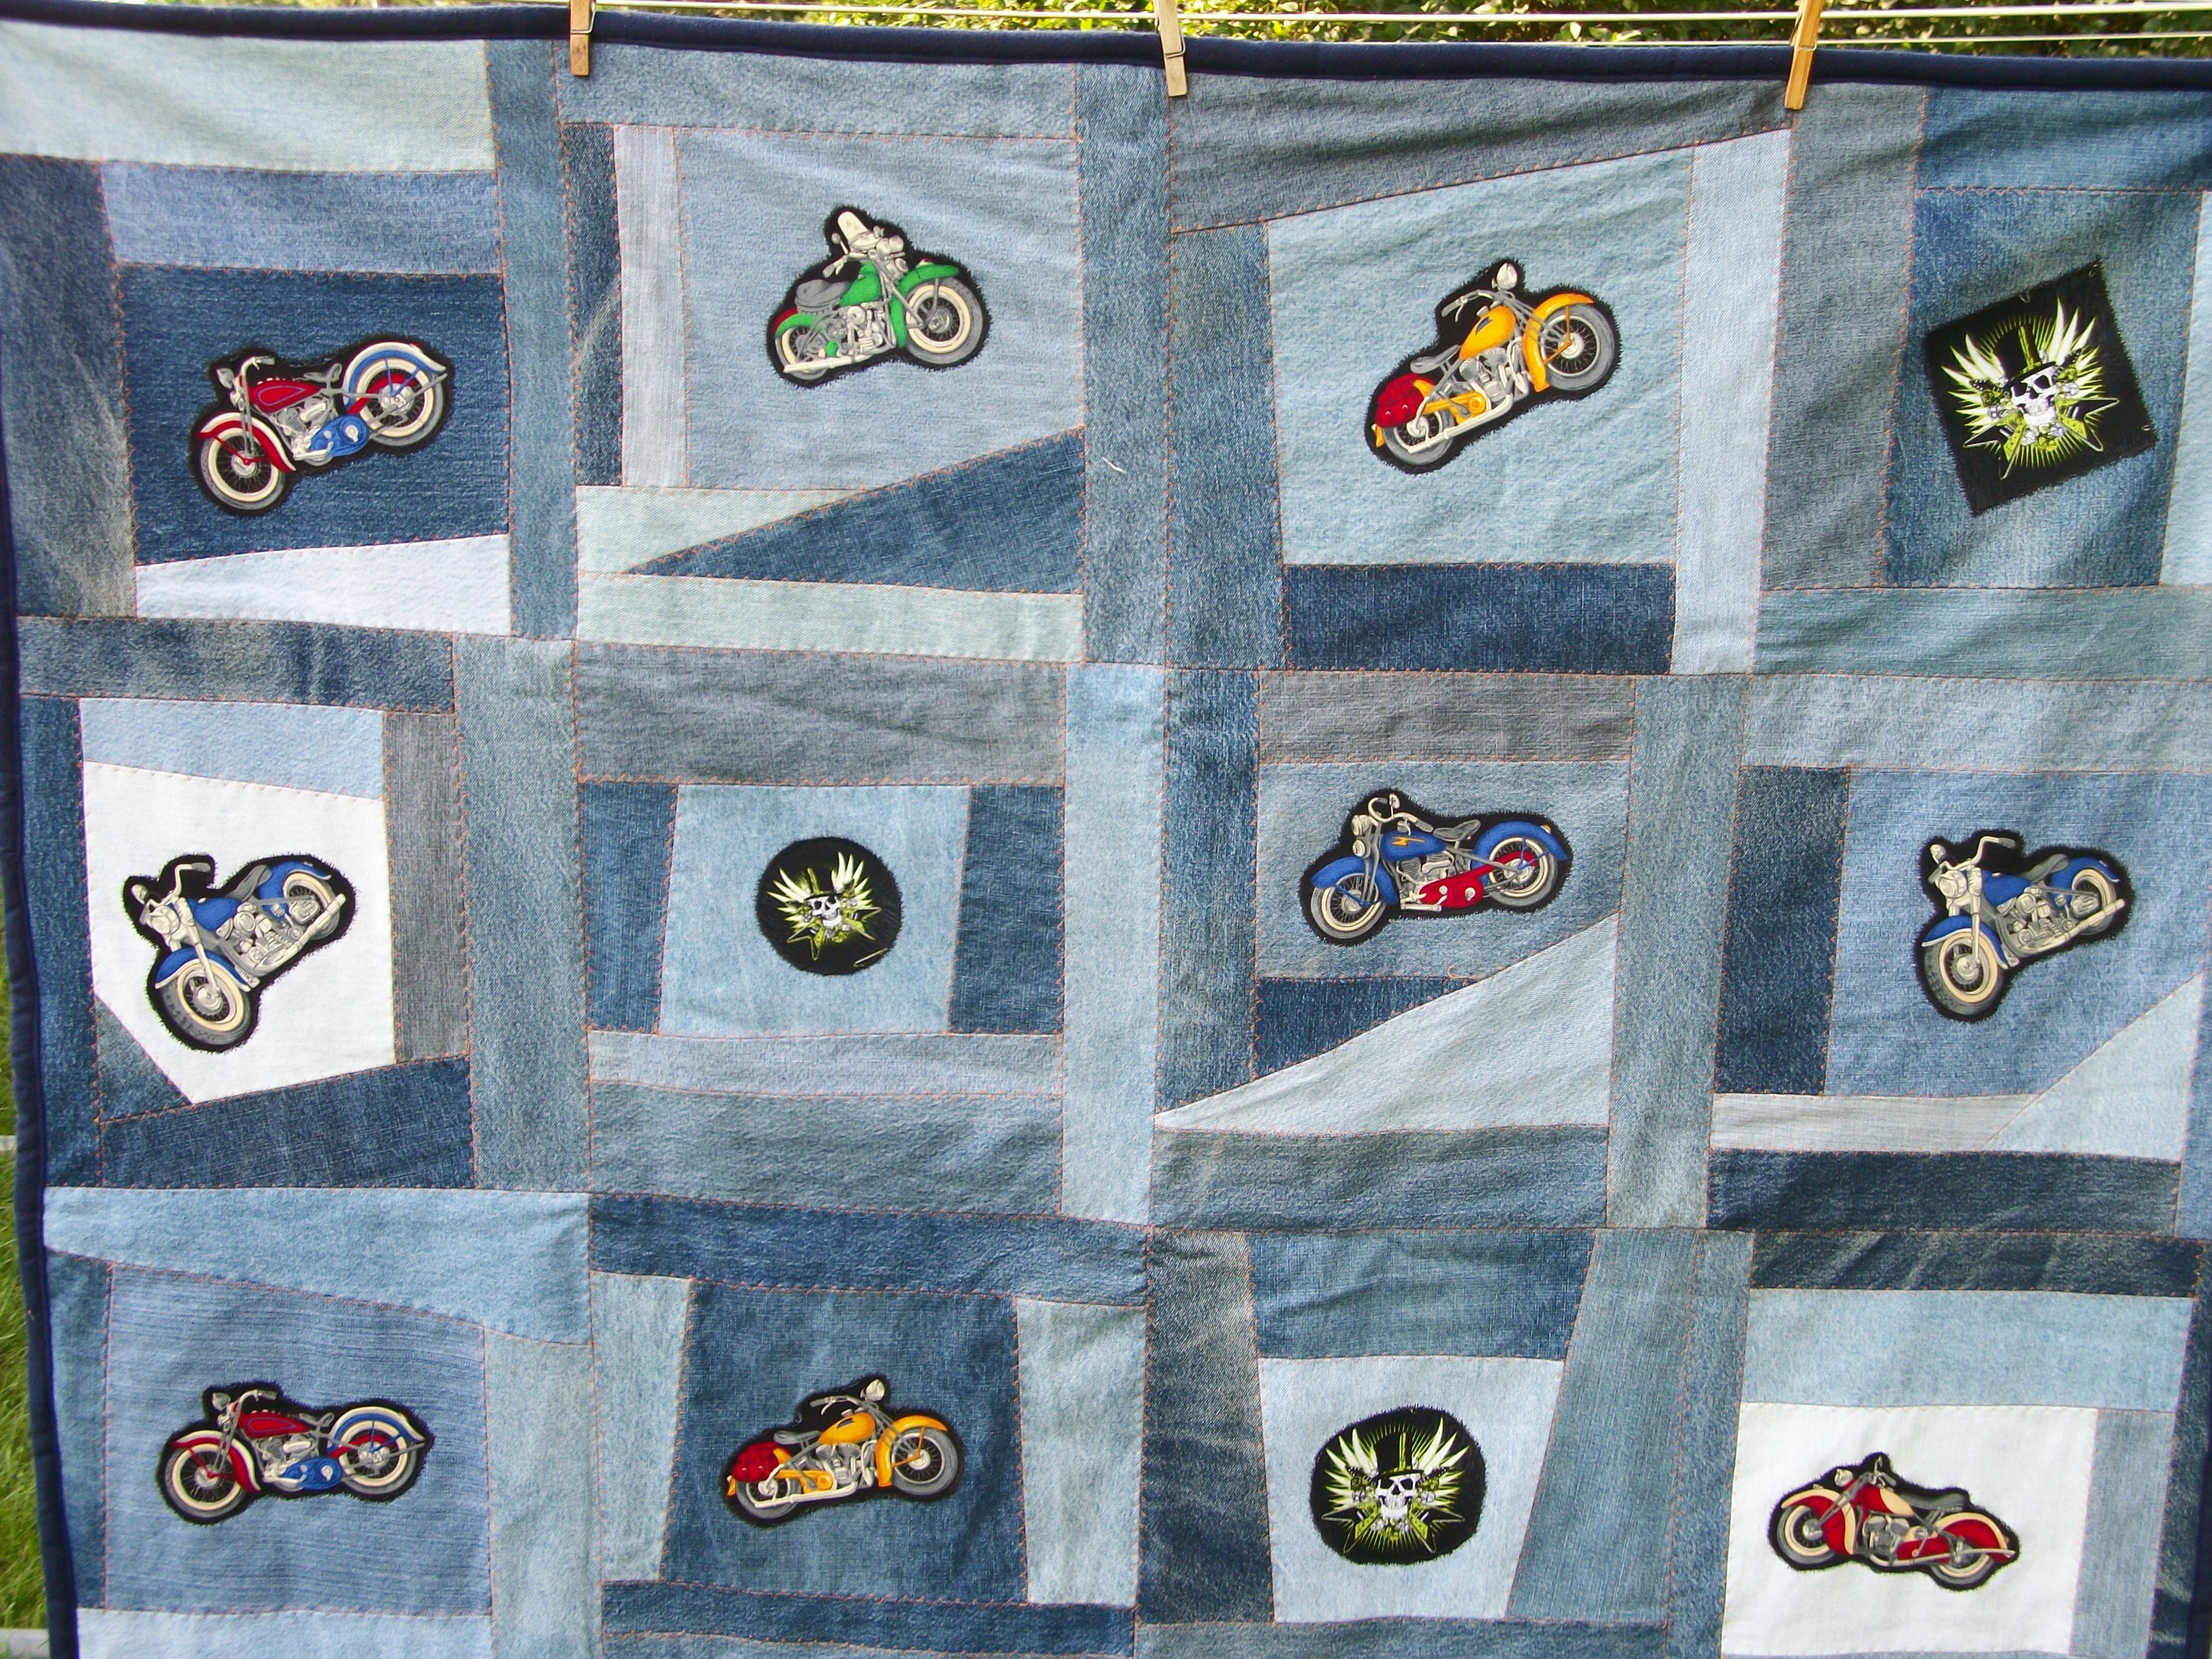 Denim Motorcycle Quilt   Quilts   Pinterest   Quilt and Motorcycles : motorcycle quilt pattern - Adamdwight.com